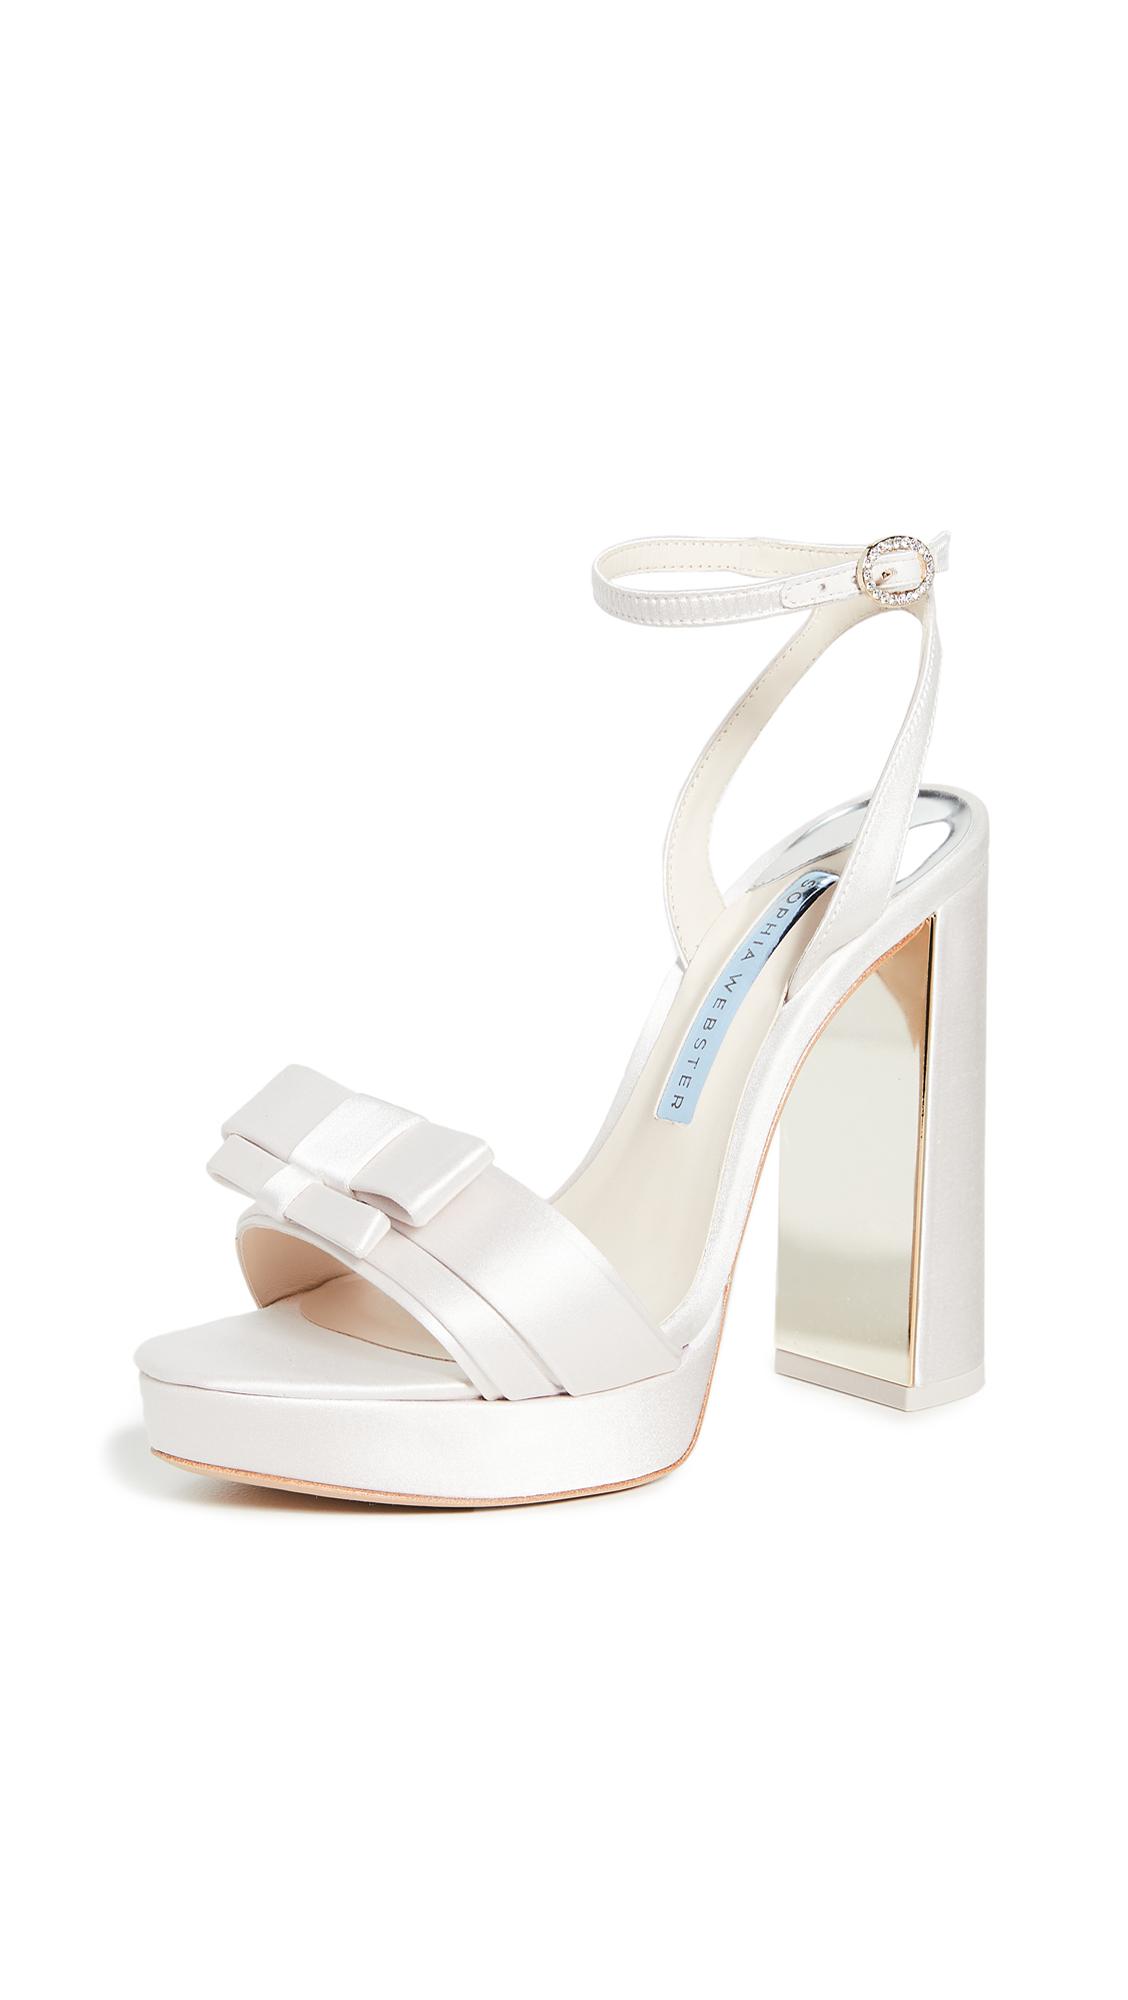 Sophia Webster Andie Bow Platform Sandals – 30% Off Sale